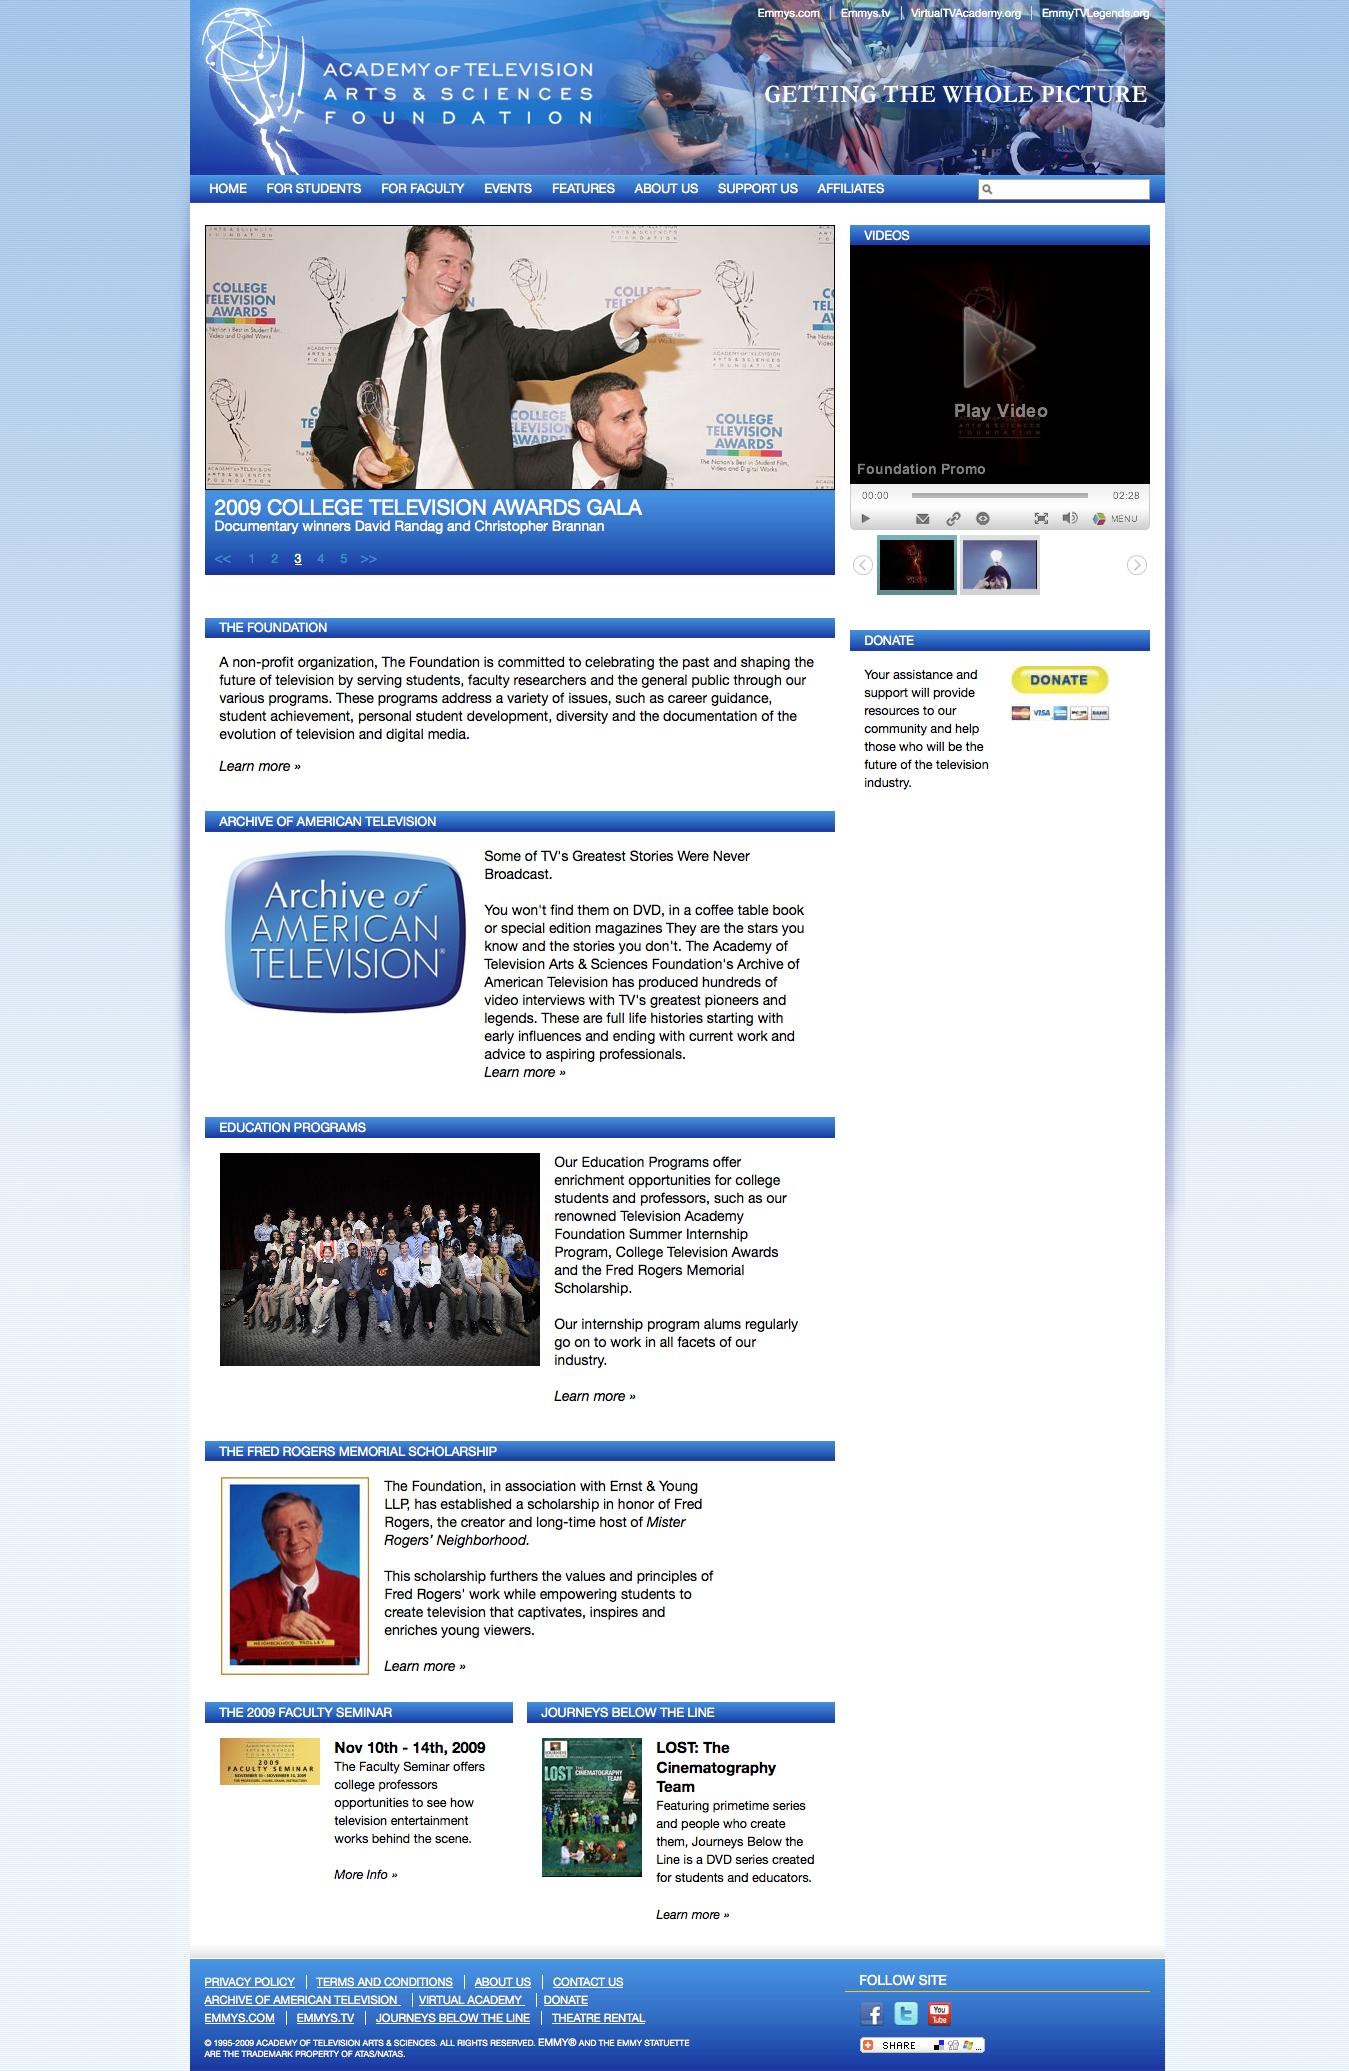 EmmysFoundation.org